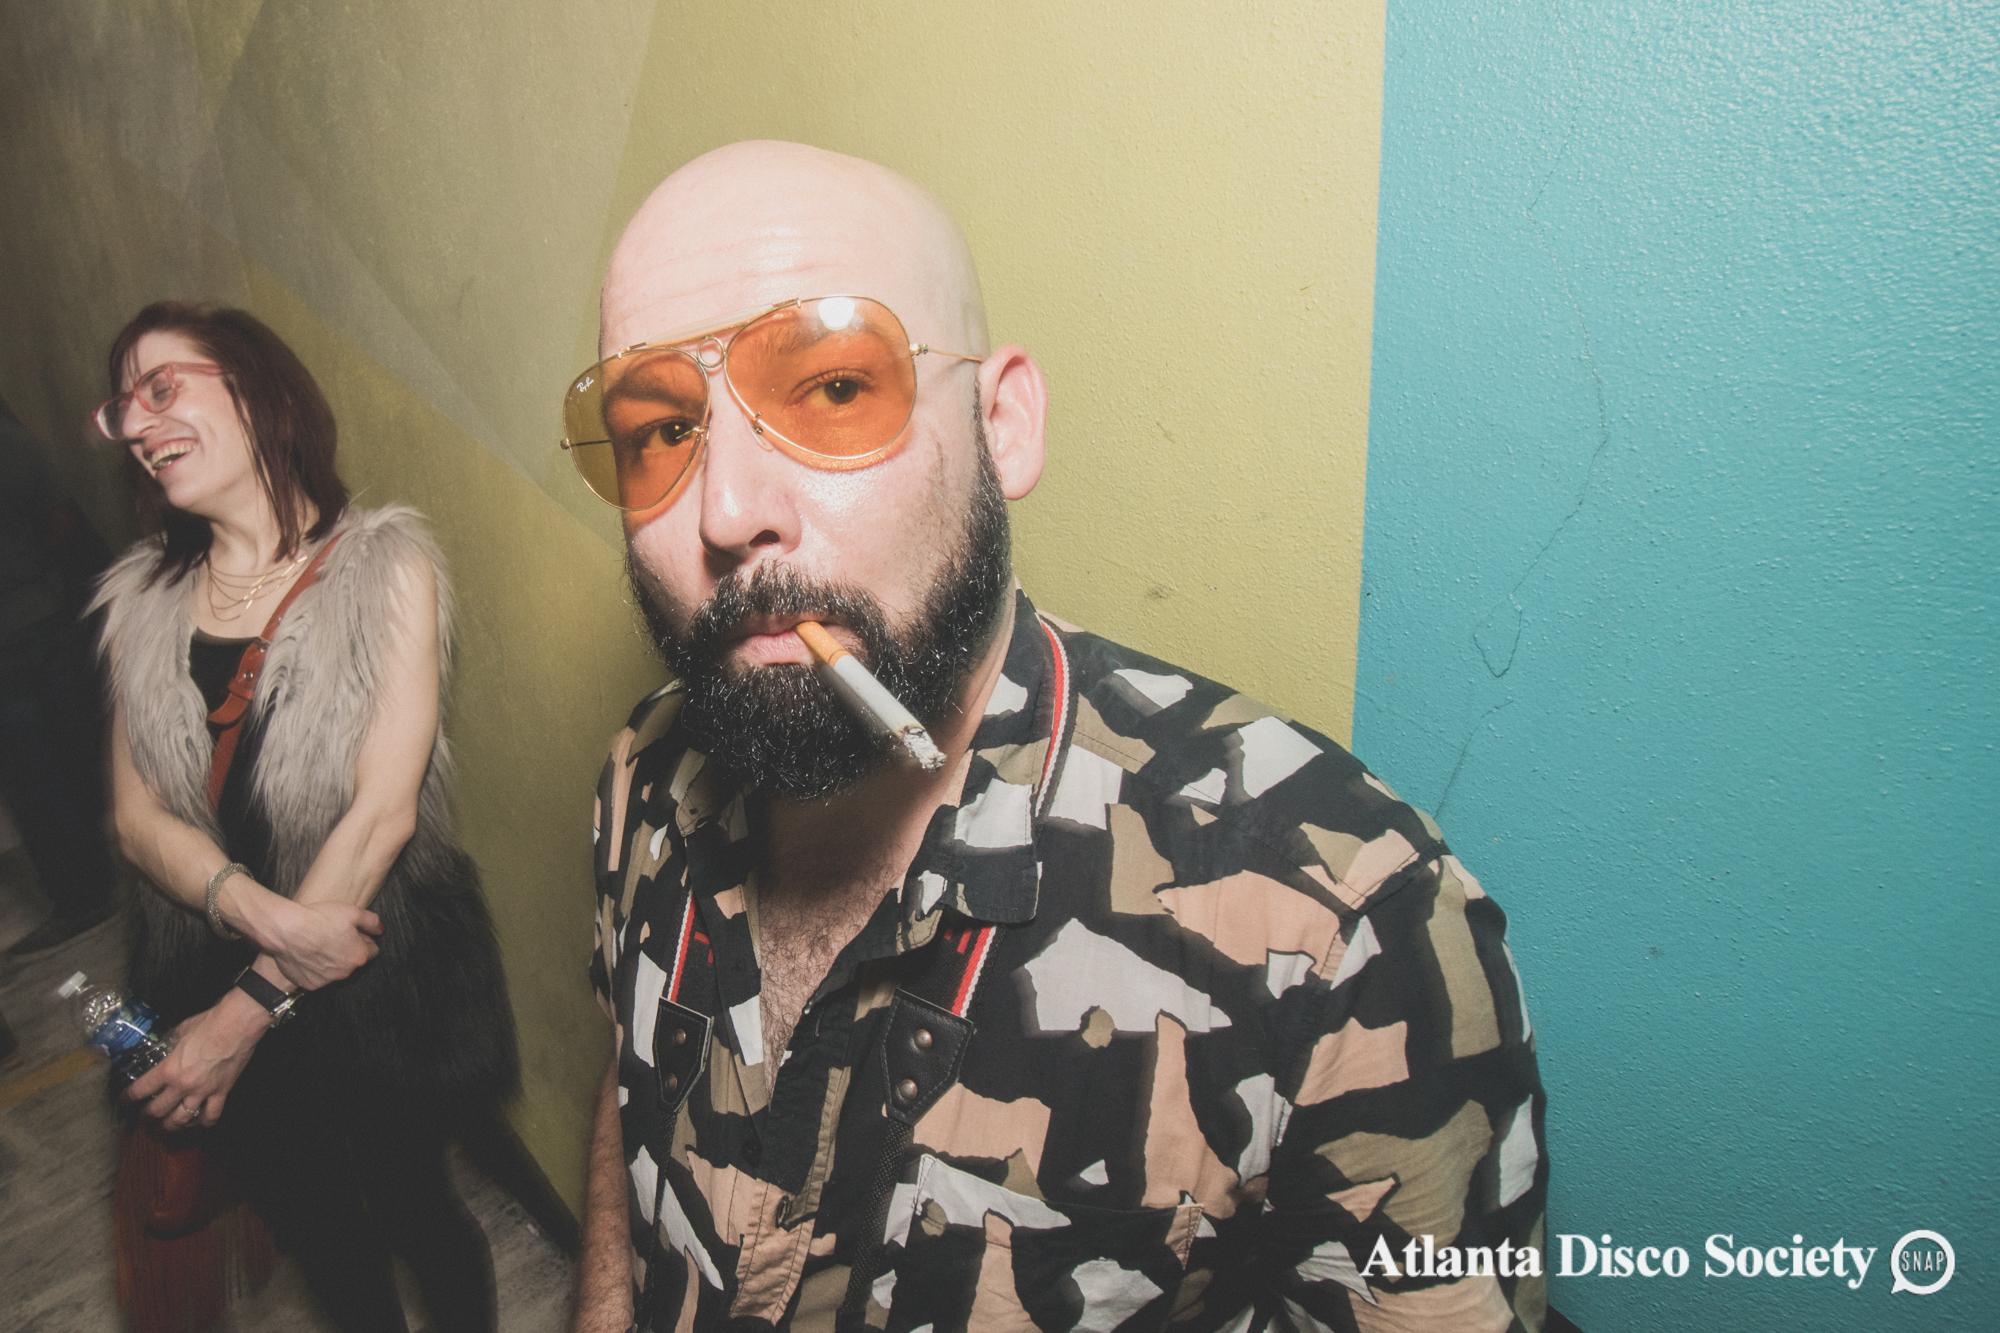 43Atlanta Disco Society Grace Kelly Oh Snap Kid 7.27.19.jpg